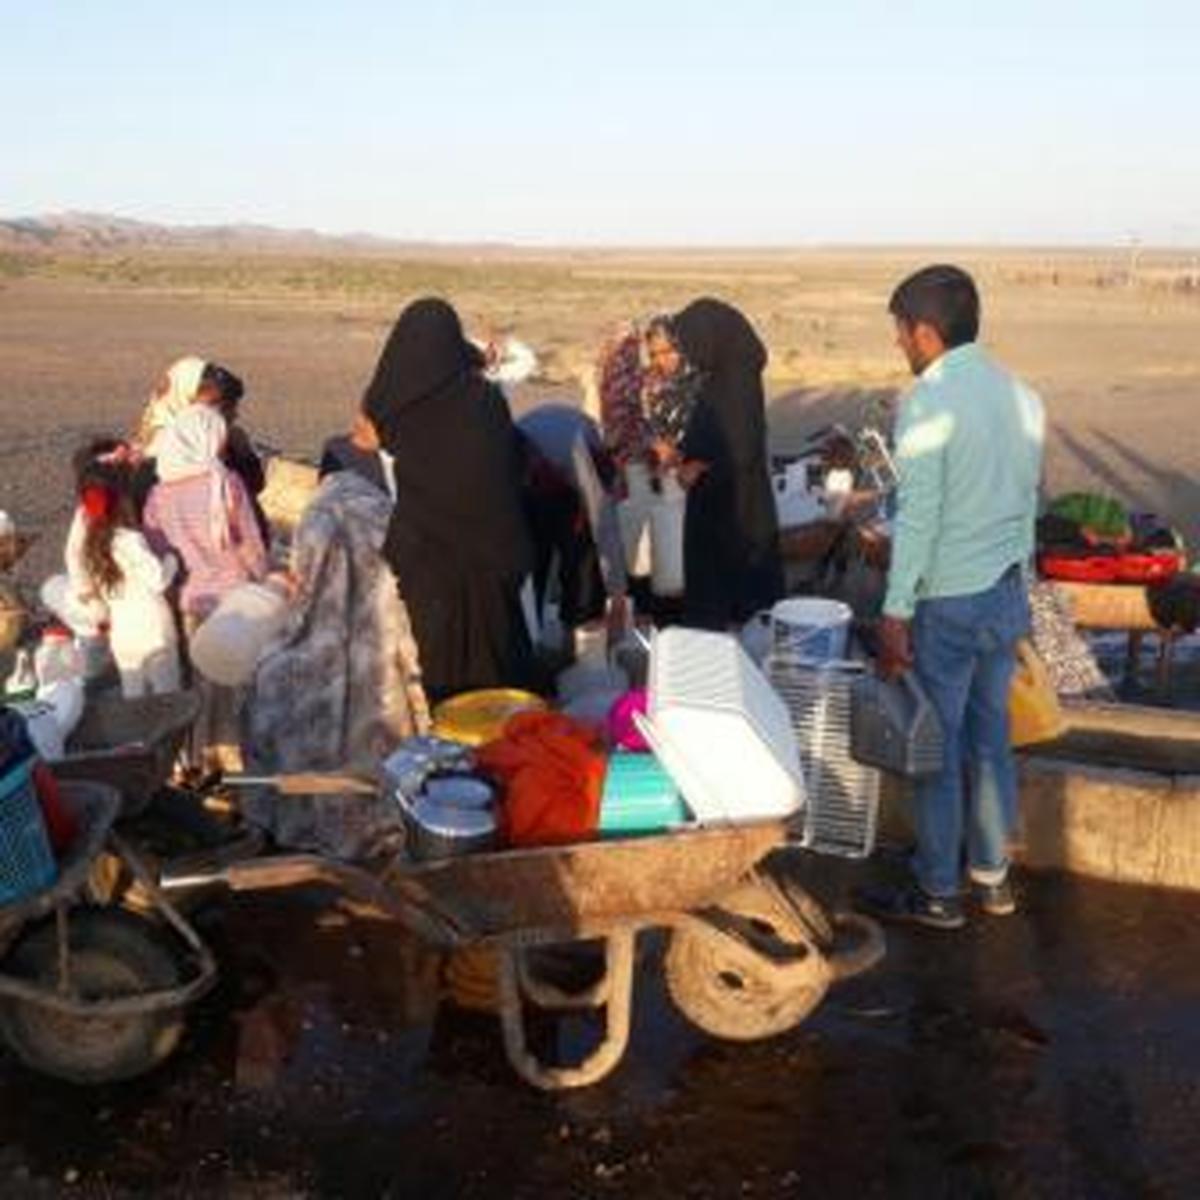 تهیه آب آشامیدنی درروستای بشیر آباد باعث سقط جنین پنج مادر باردار شده است.